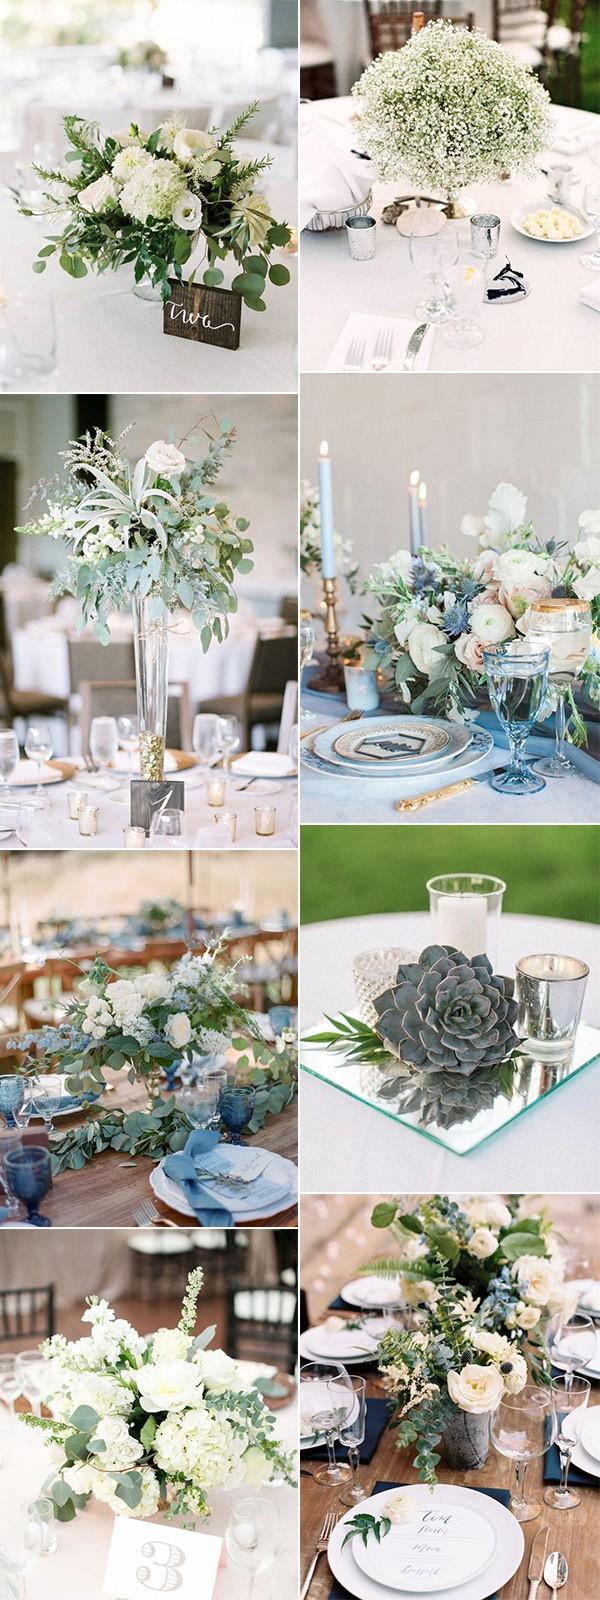 trending summer wedding centerpiece ideas for 2019